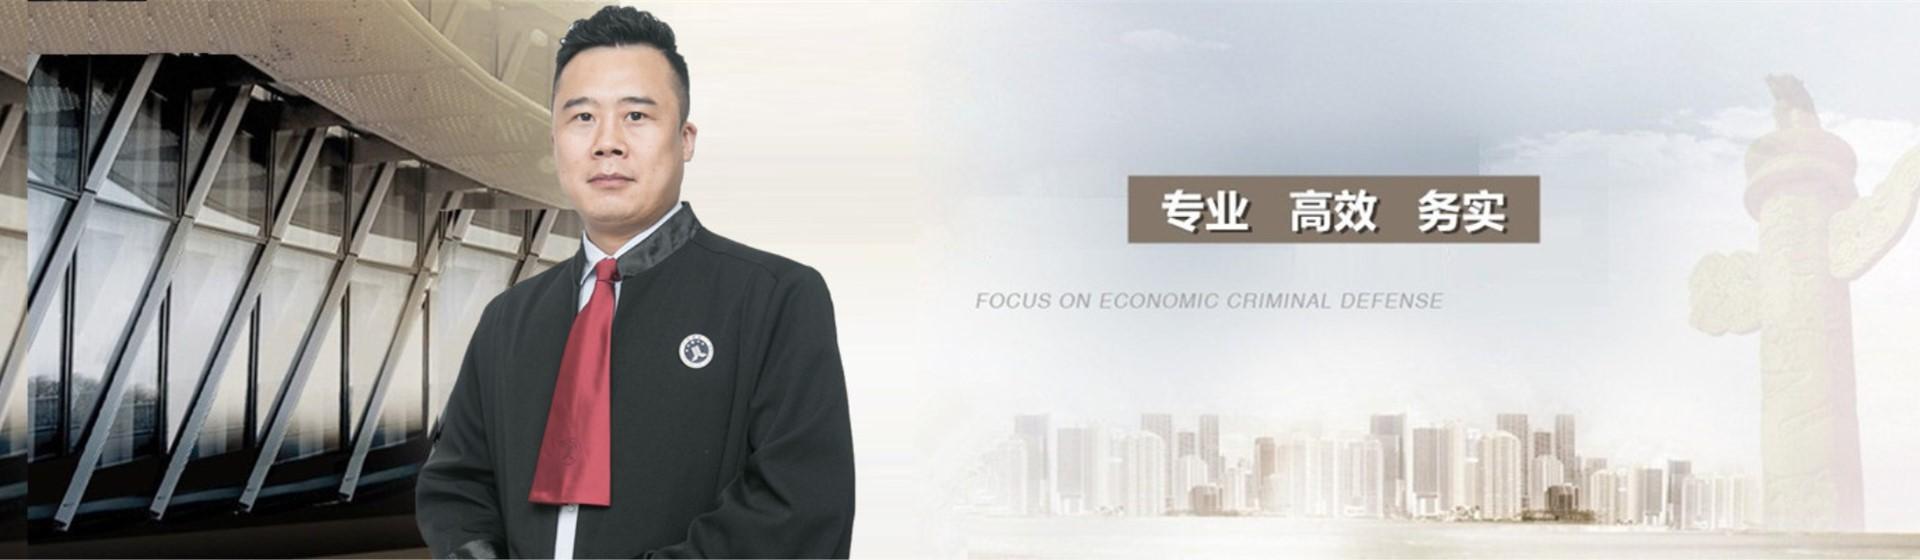 郑州刑事律师大图一